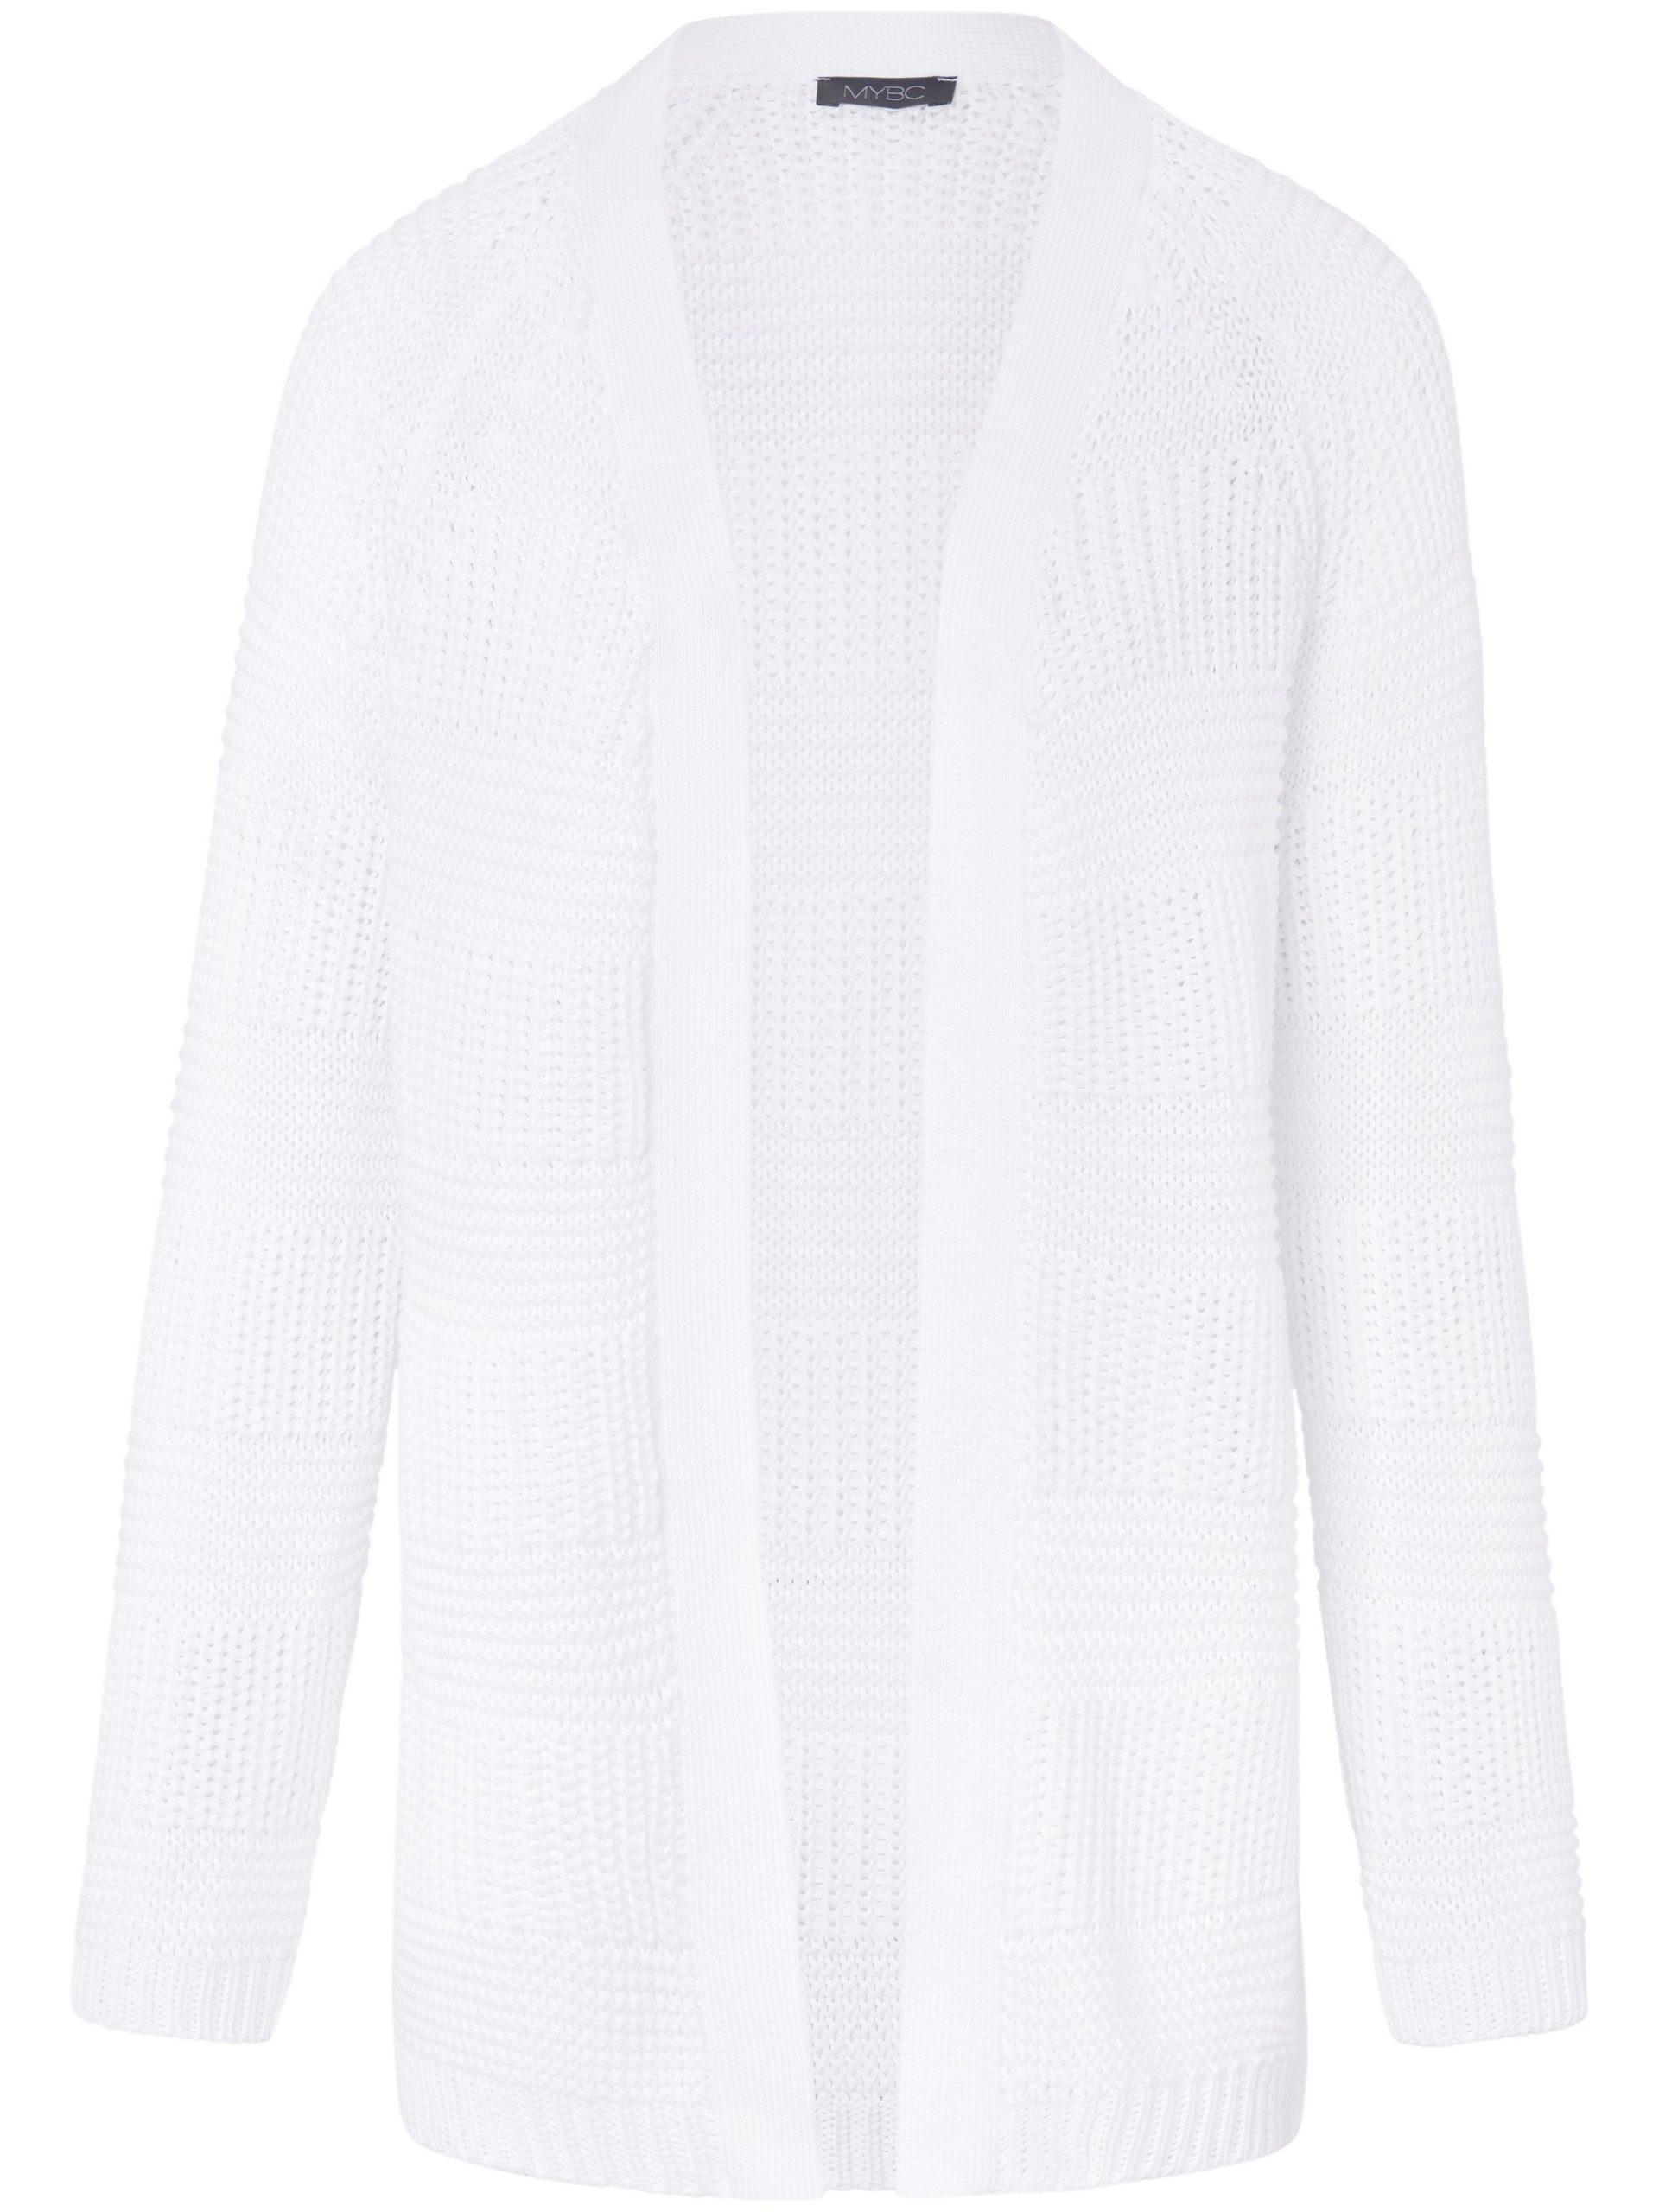 Lang vest van 100% katoen met lange mouwen Van MYBC wit Kopen